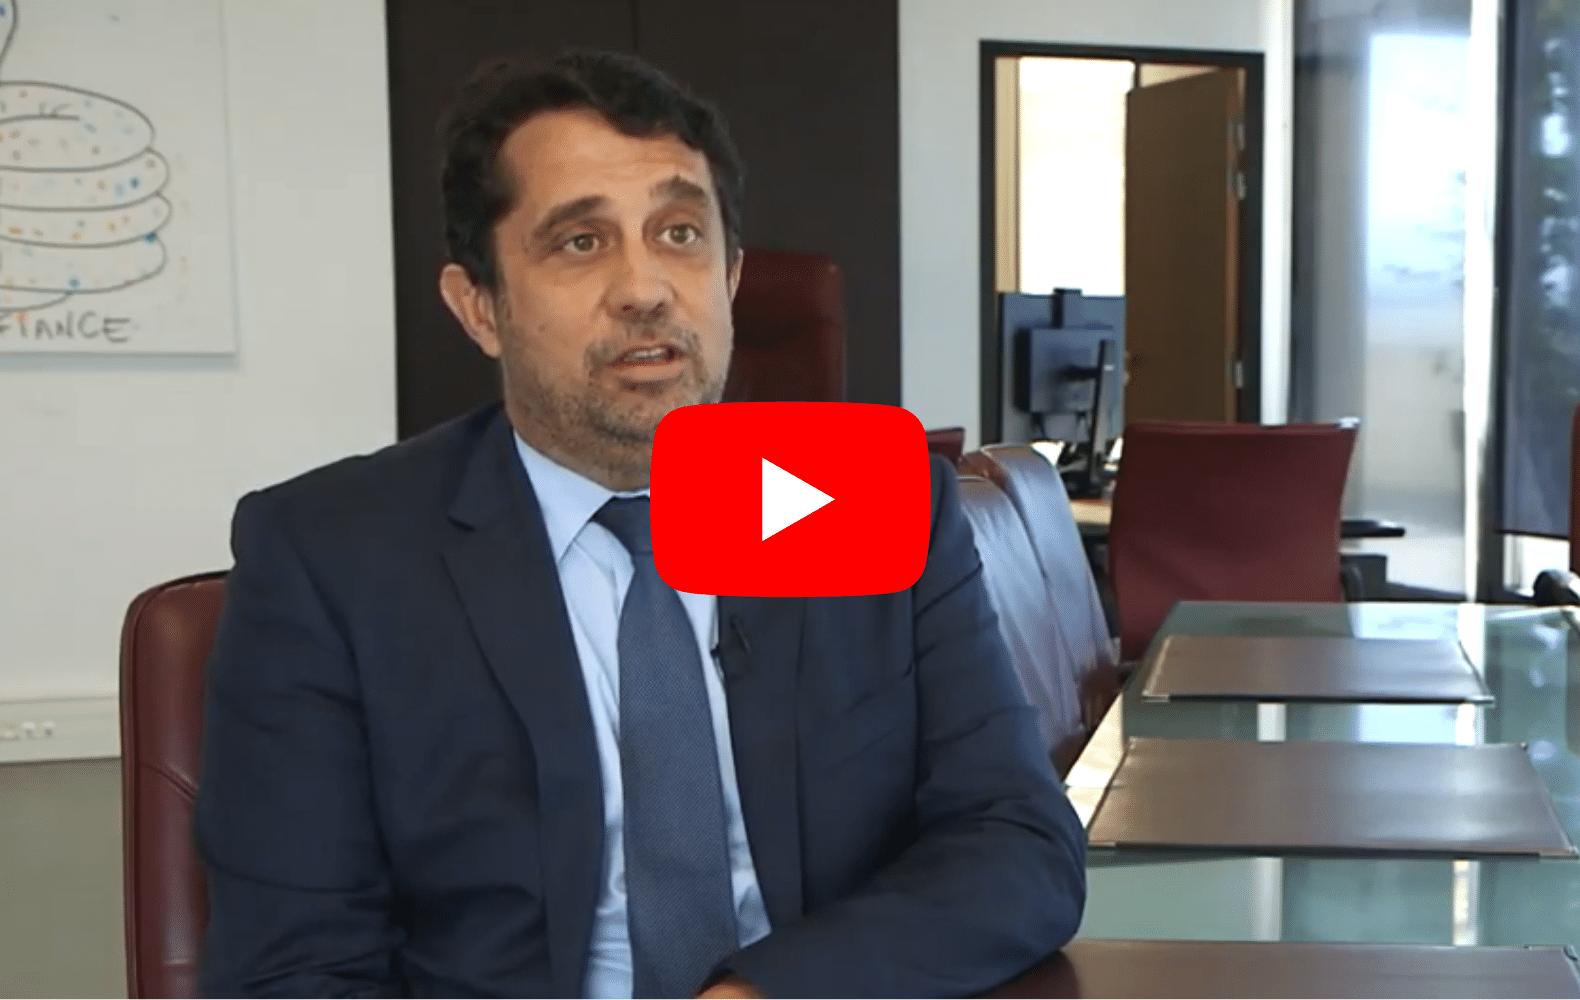 Ïnva – Episode 3 : Une entreprise utile pour le directeur régional de Pôle emploi PACA